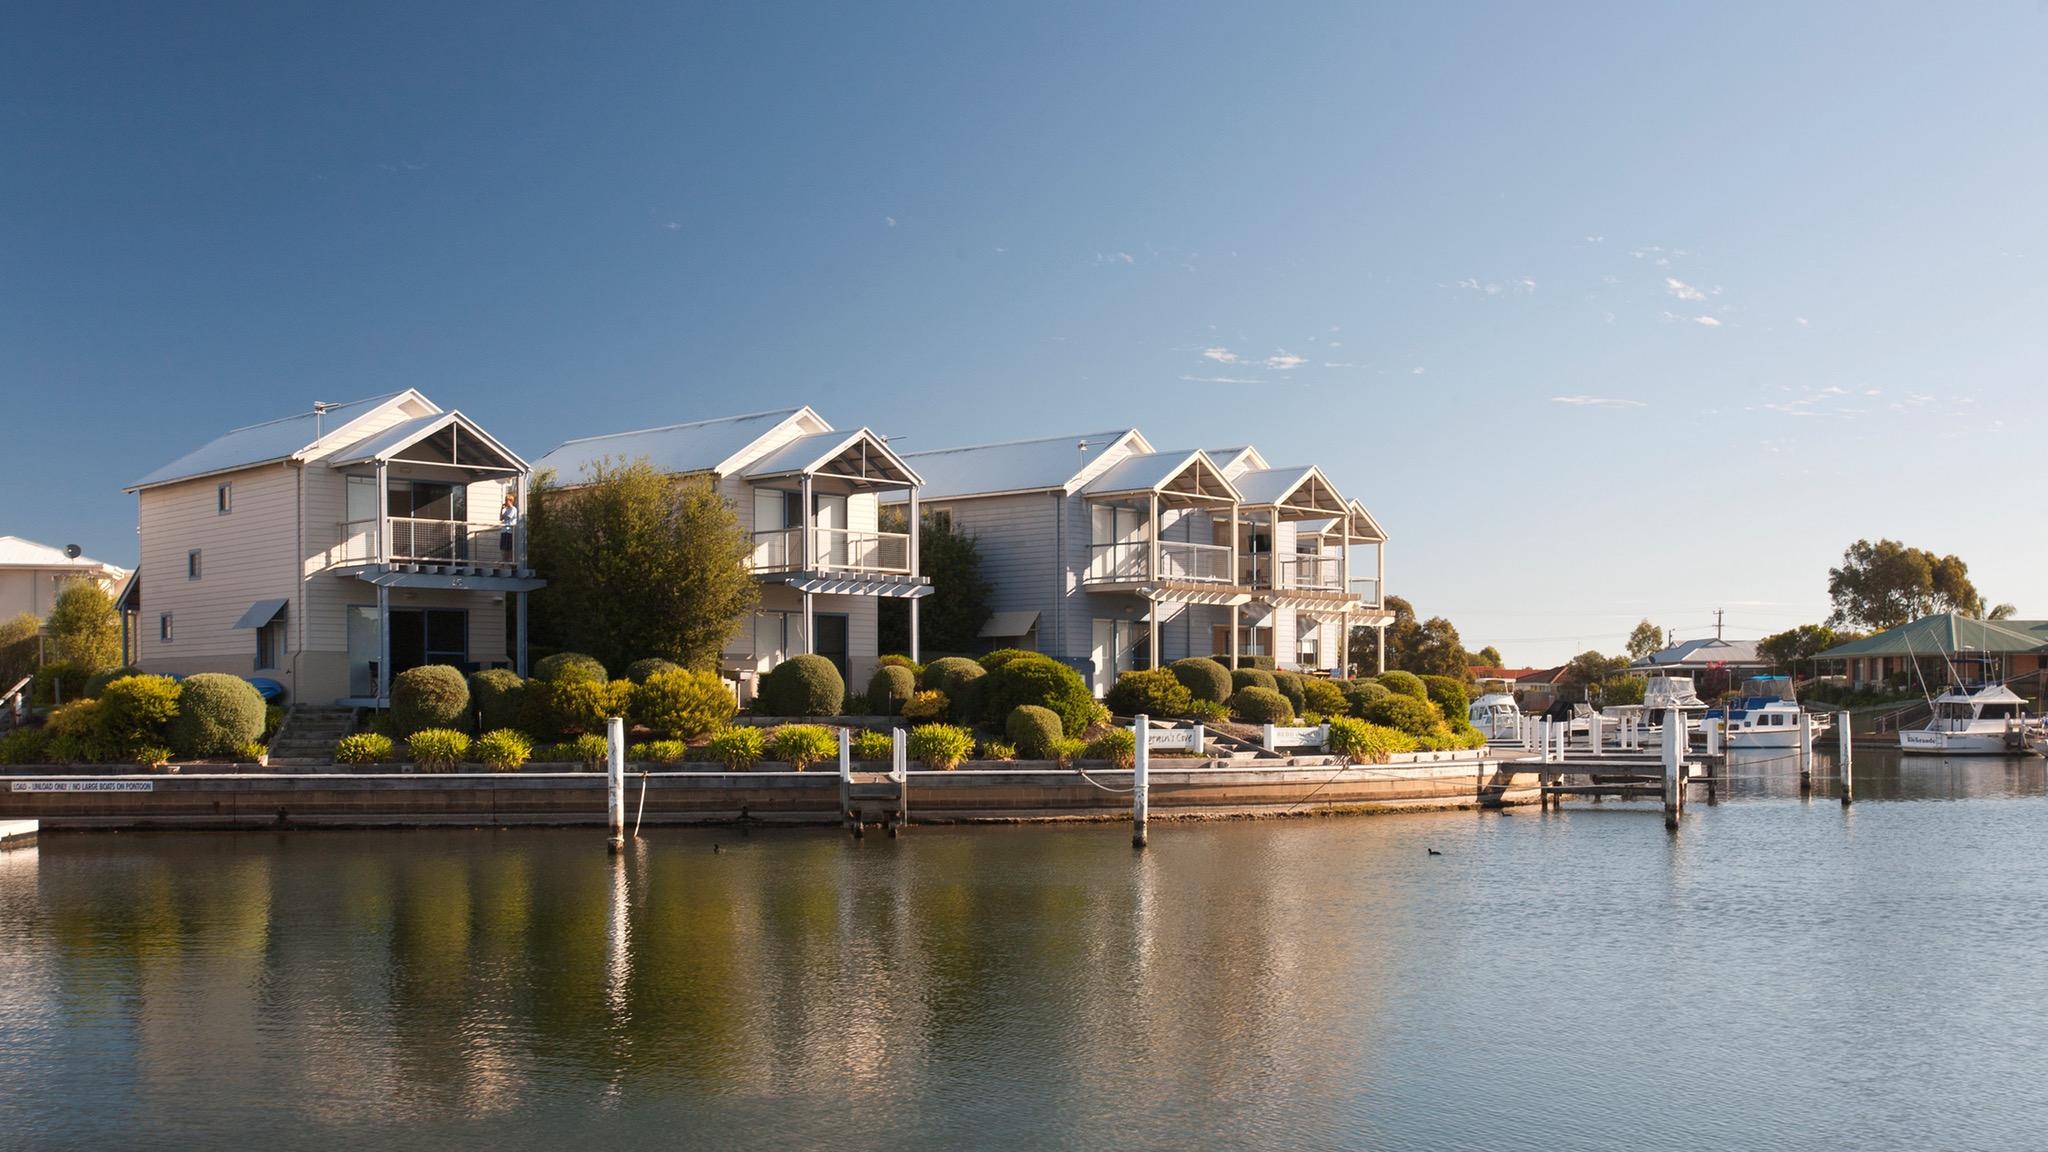 Waterfront accommodation